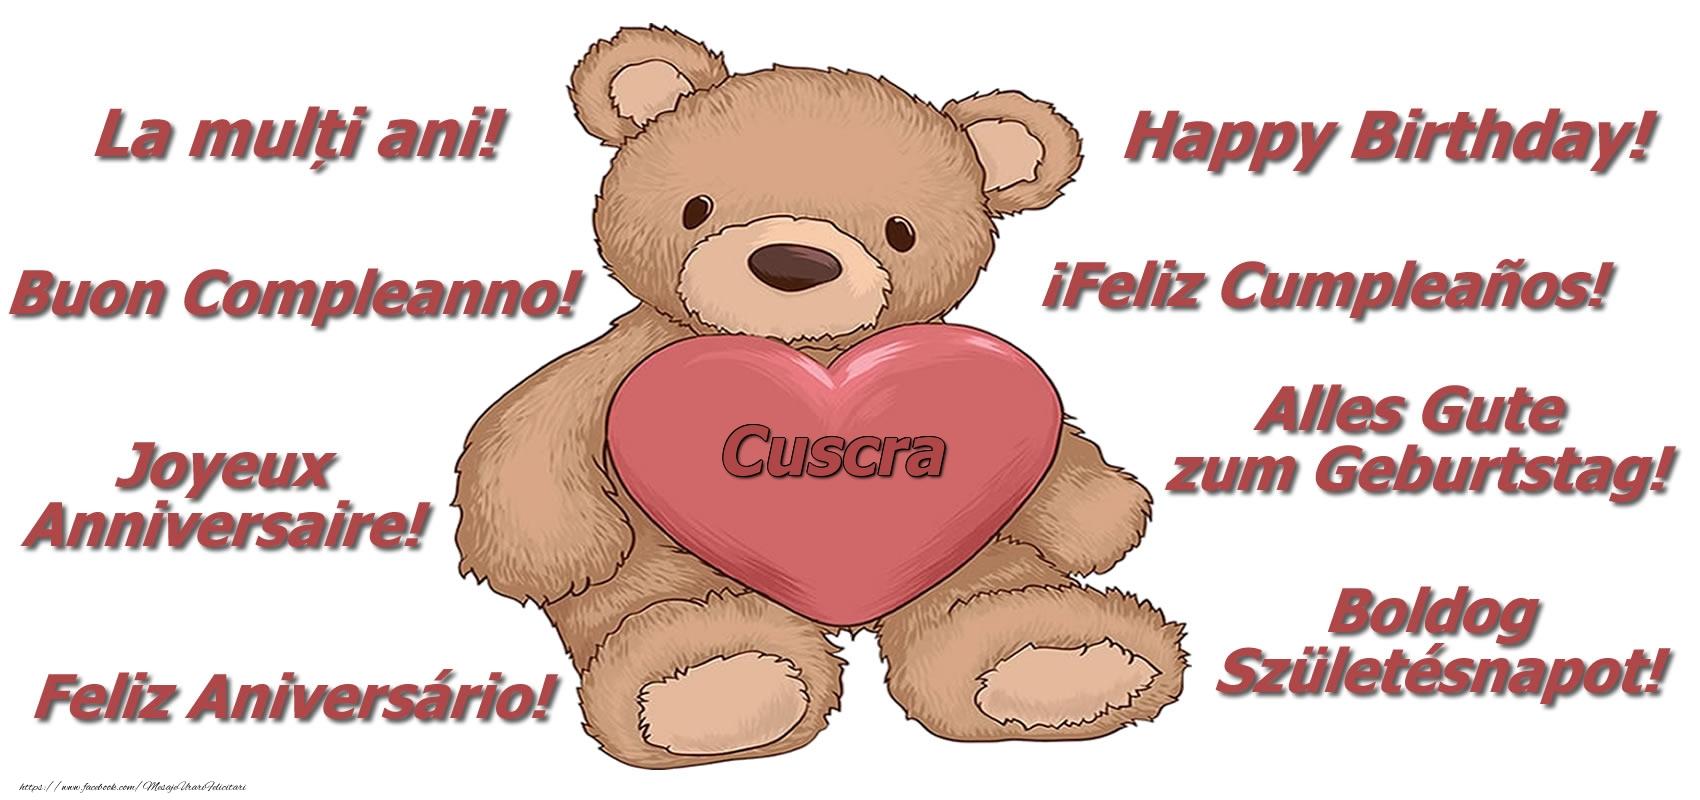 Felicitari de zi de nastere pentru Cuscra - La multi ani cuscra! - Ursulet